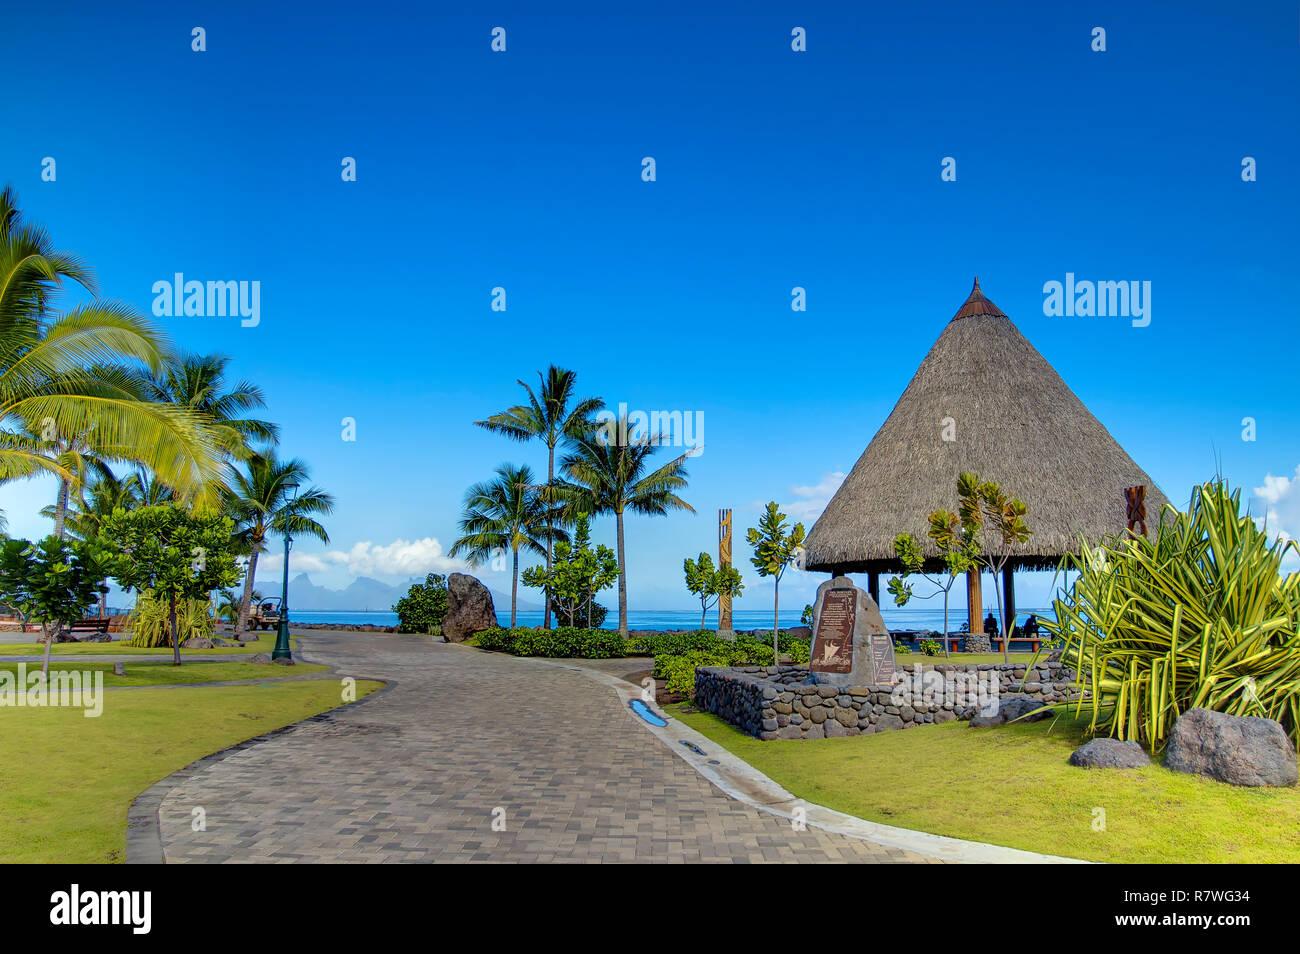 Seaside of Tahiti island. - Stock Image